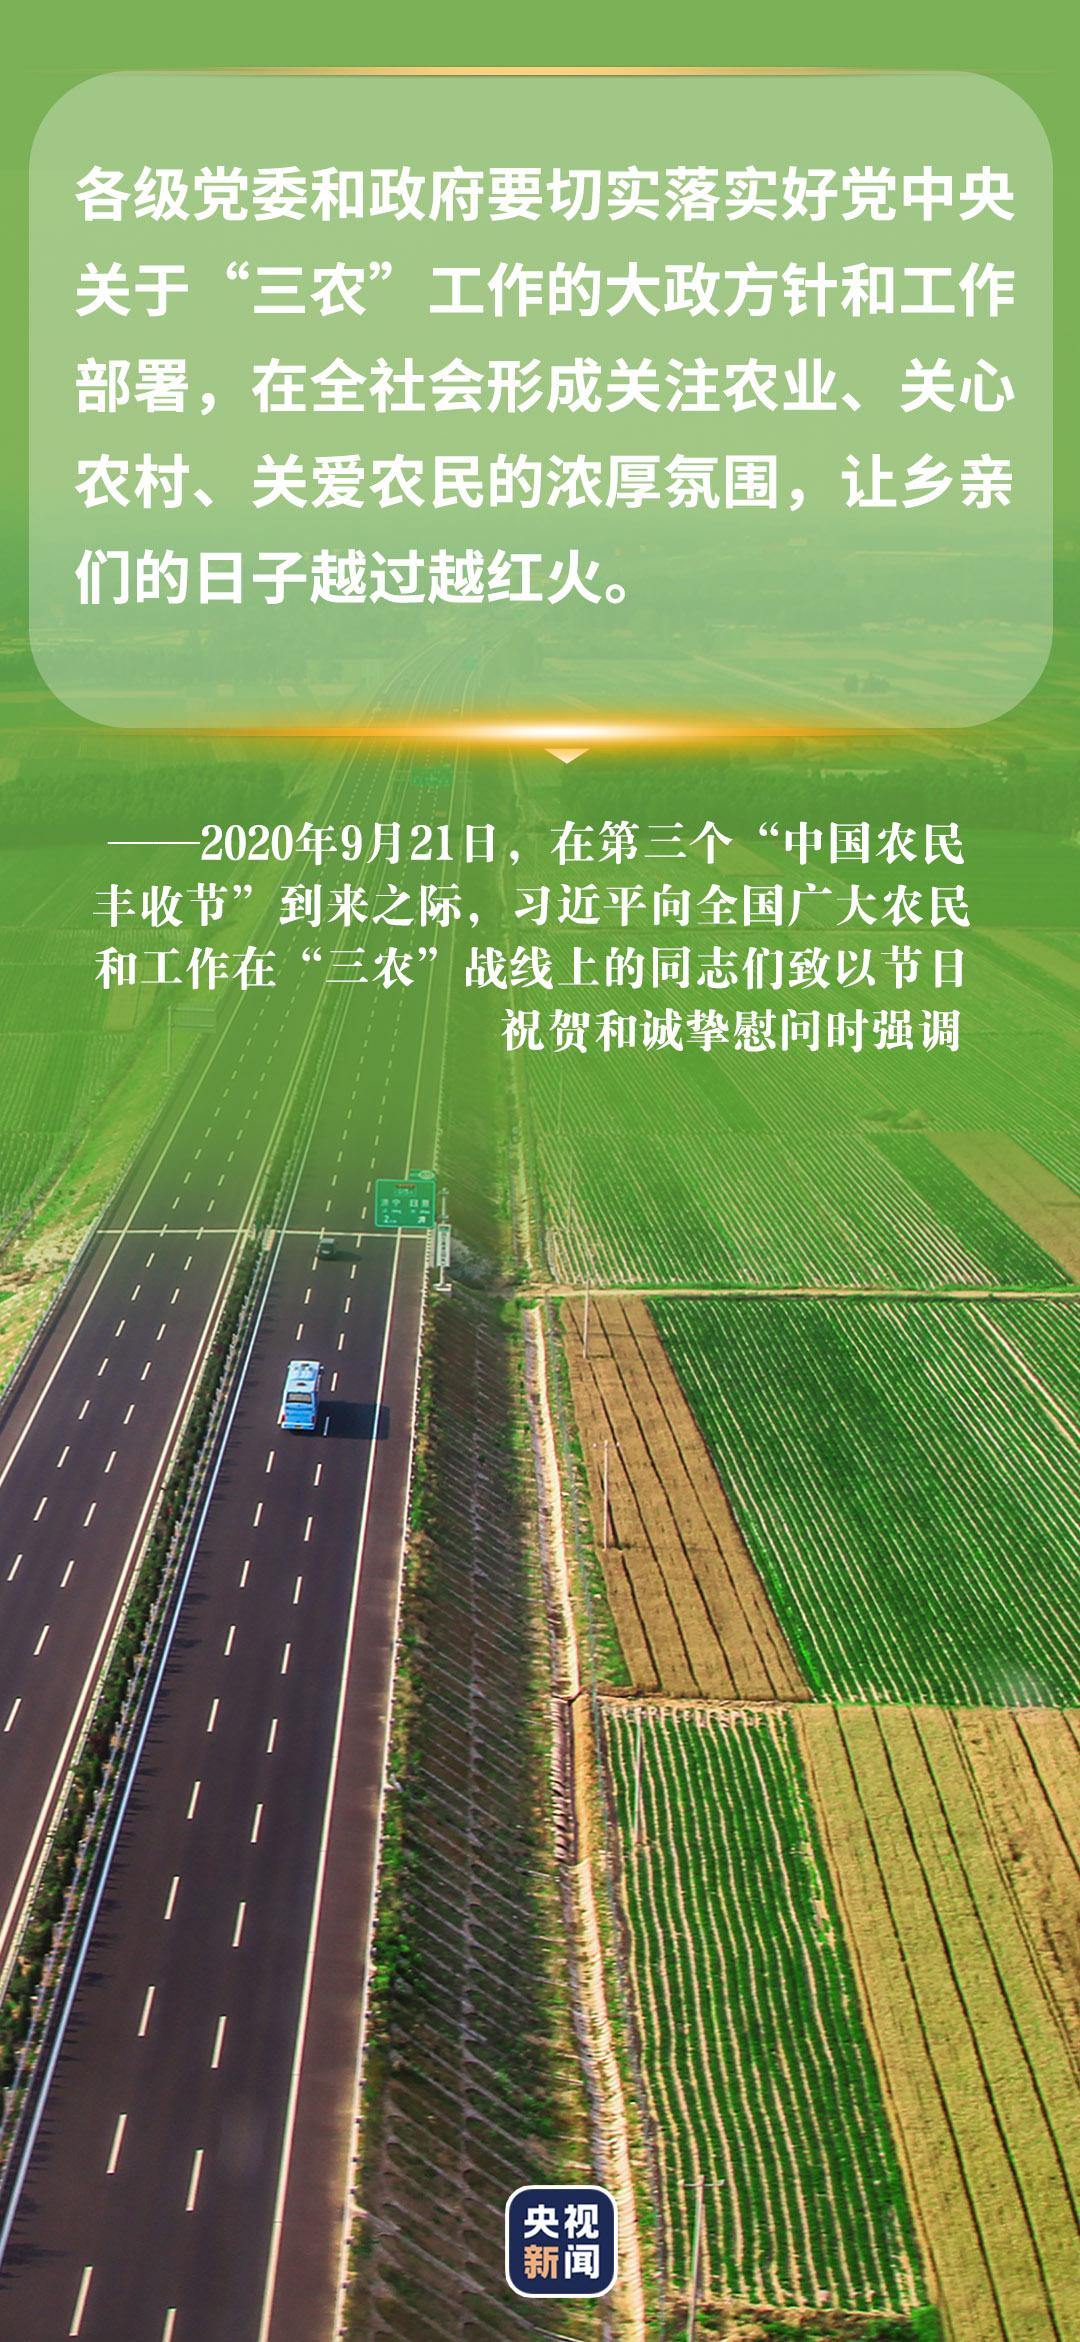 """习近平心中的""""三农""""画卷(图5)"""